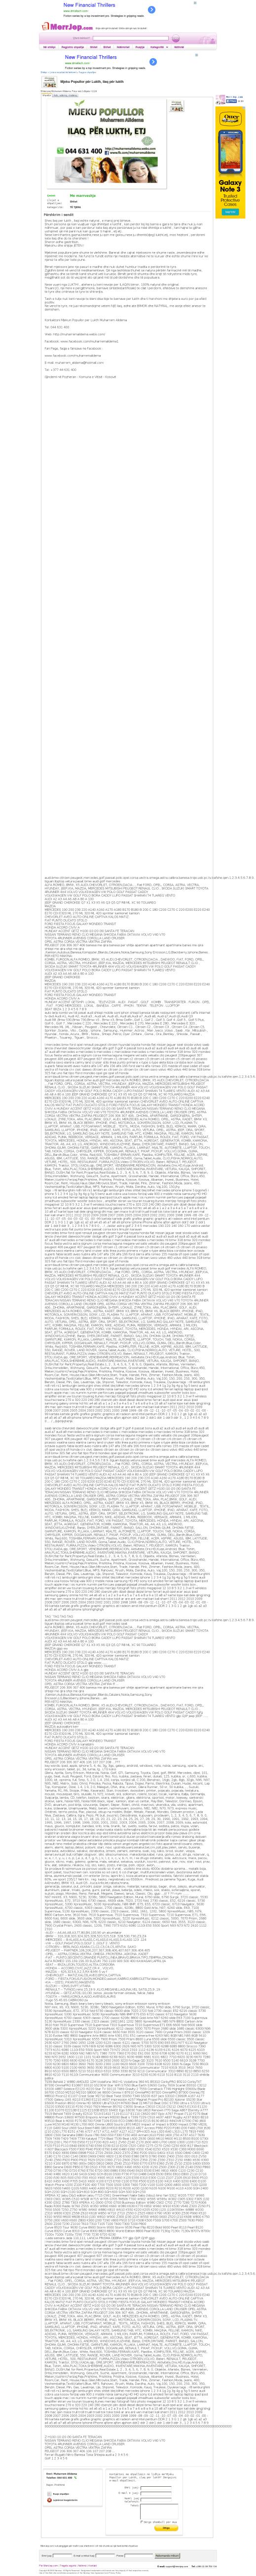 seo-fjalet-kyqe